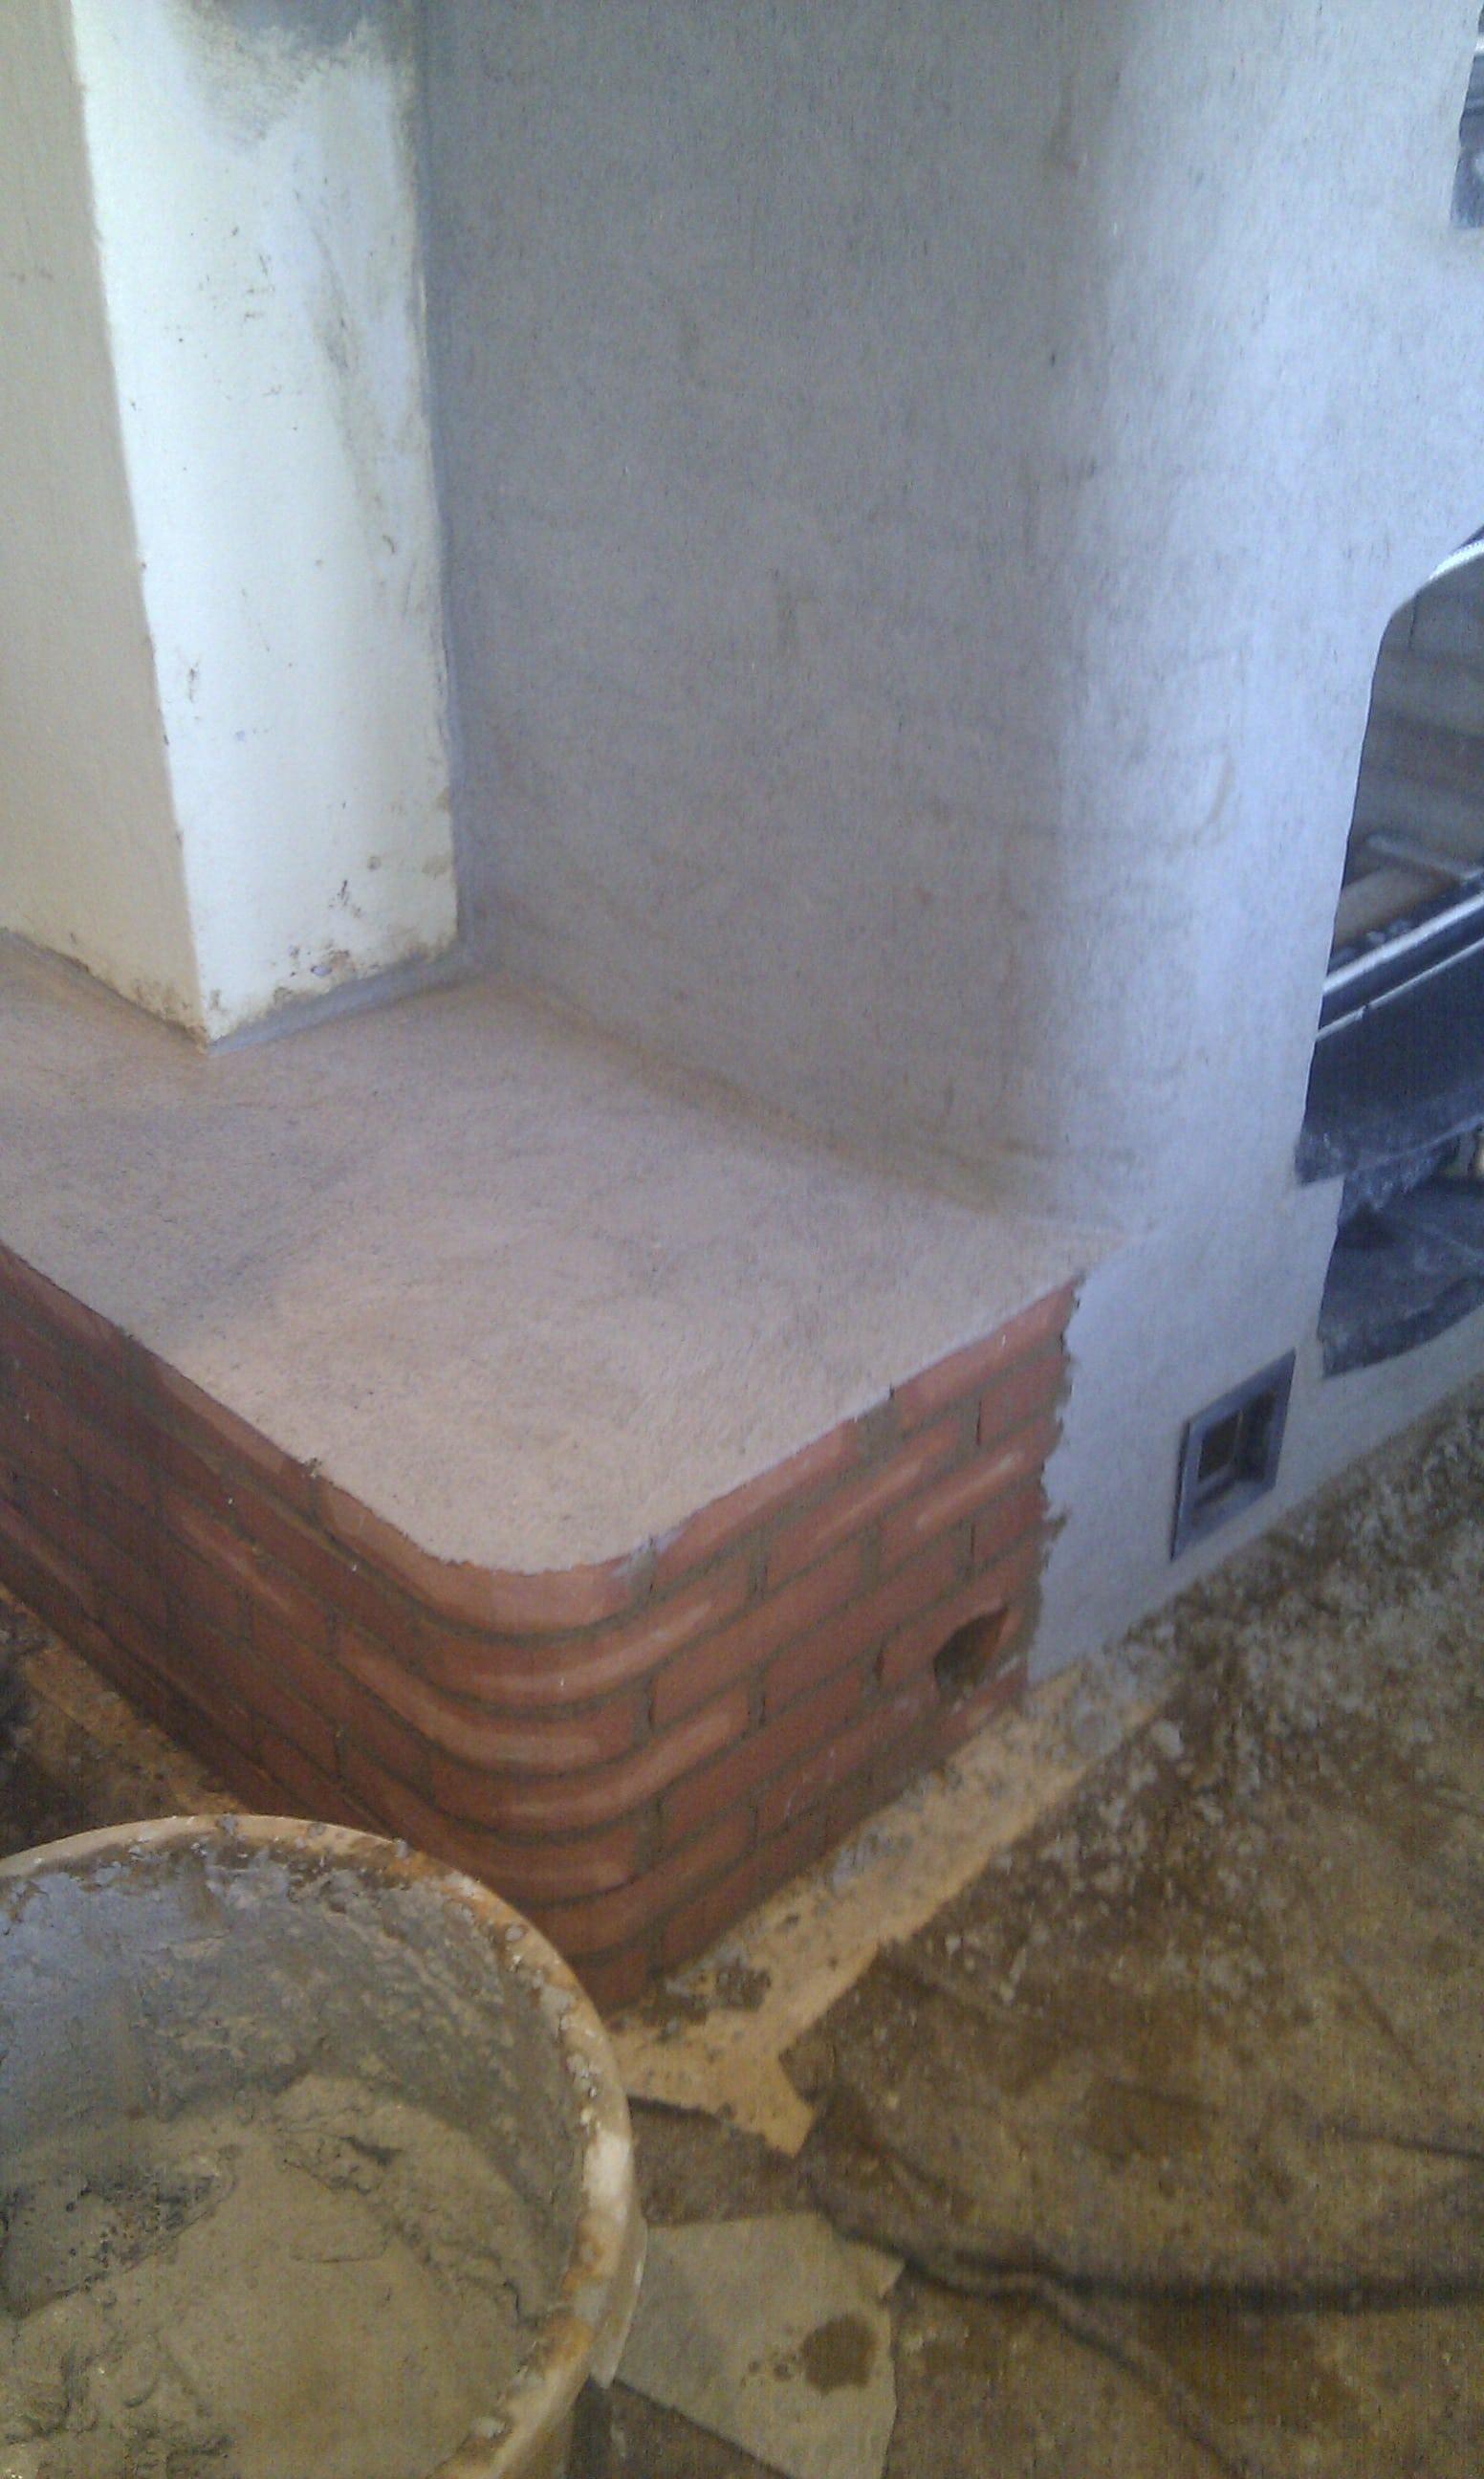 Pudsning af masseovnens varmebænk